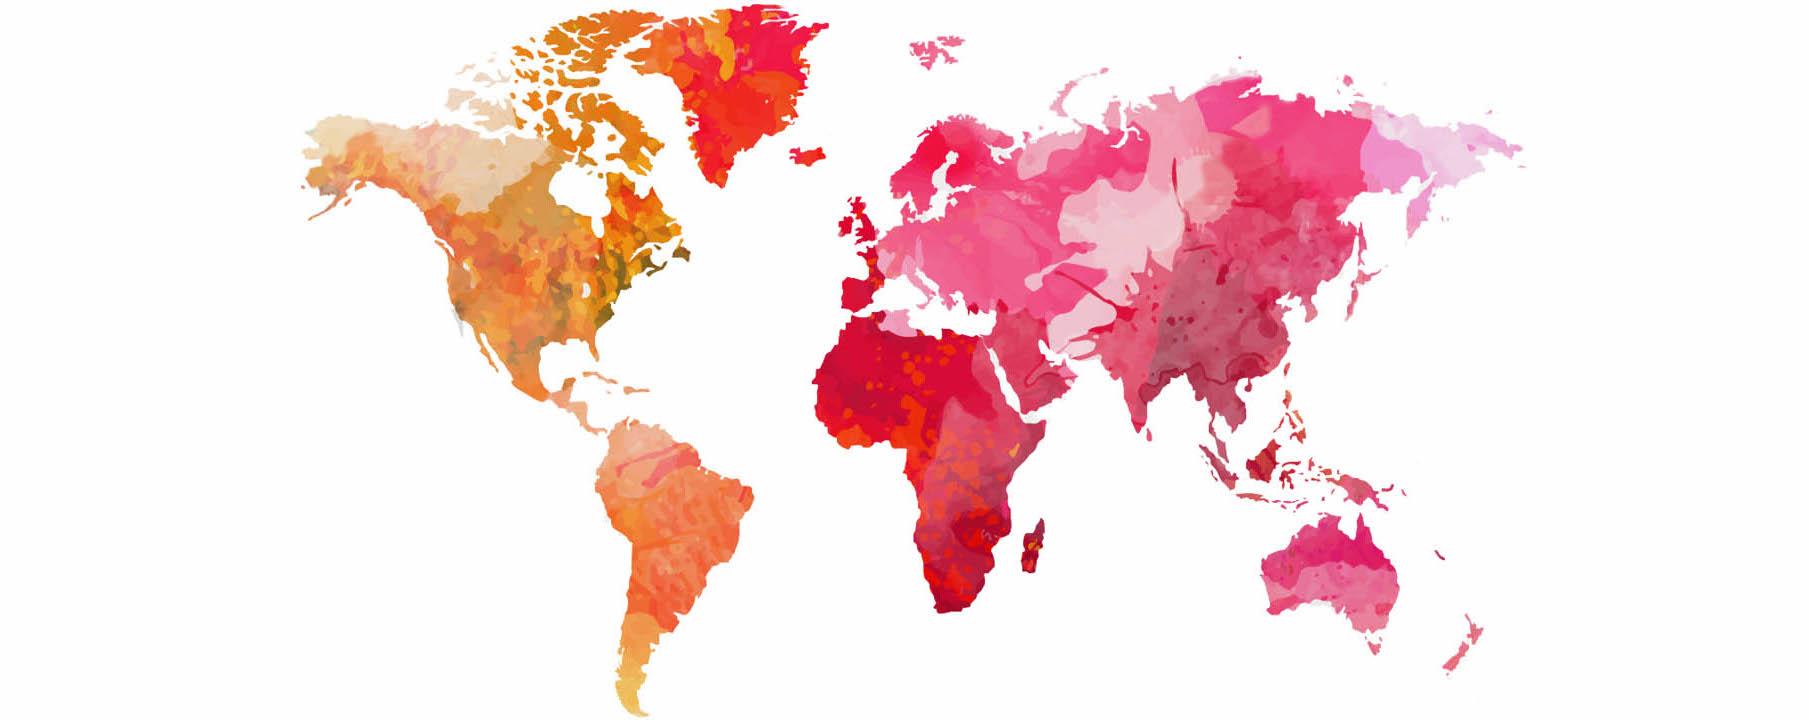 Worldwide. Ministry